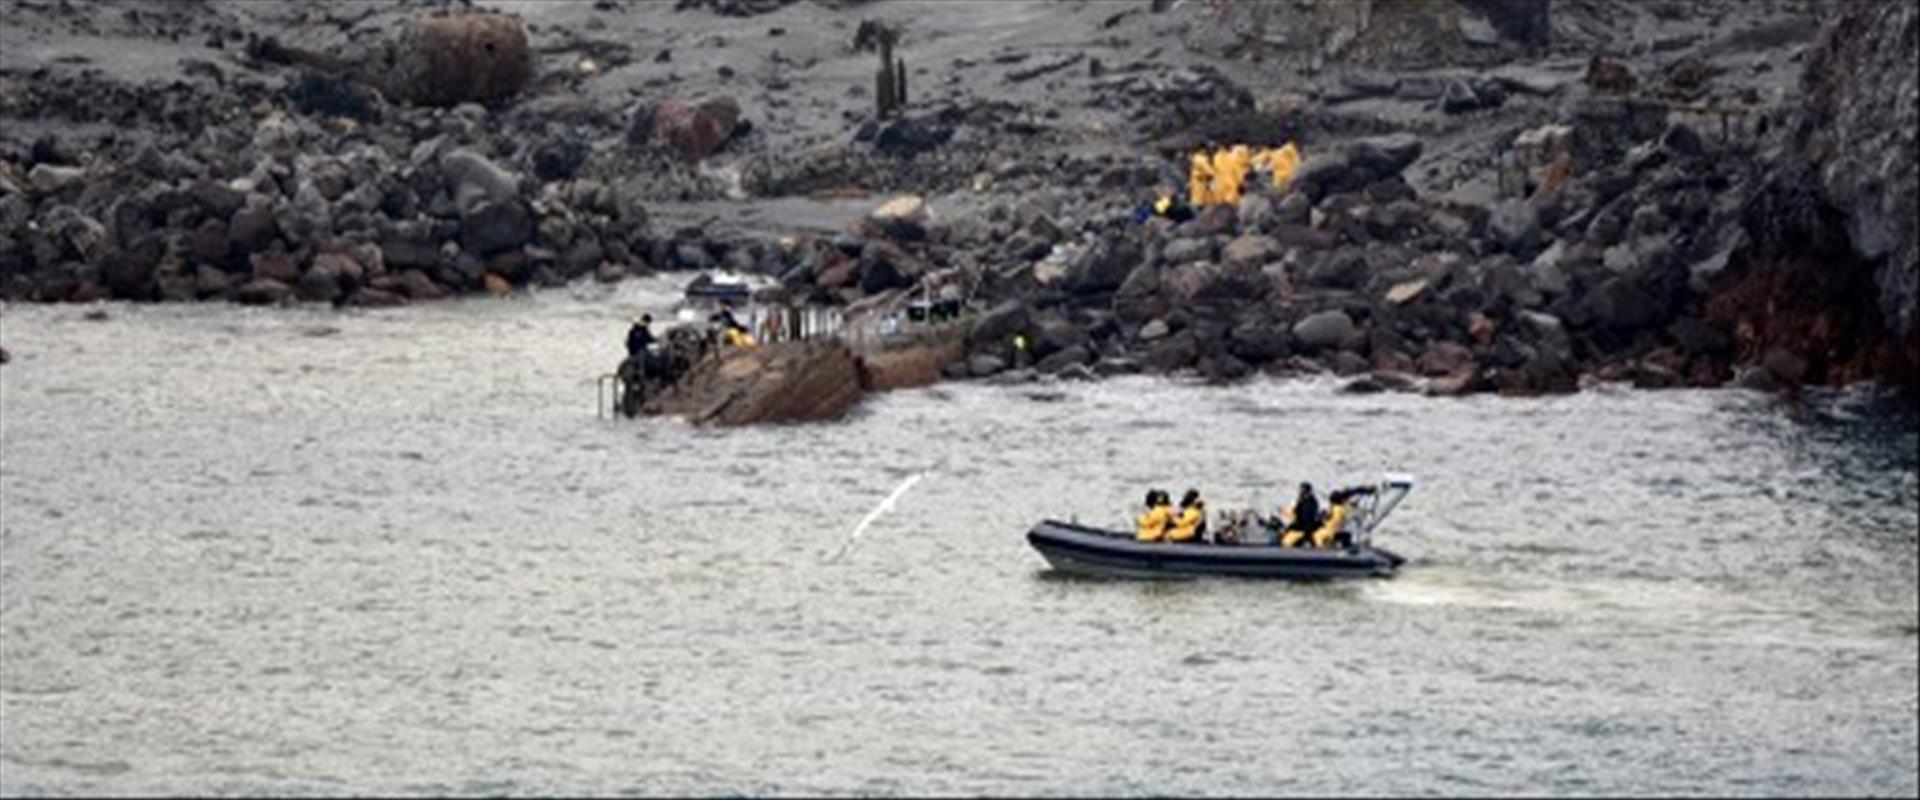 צבא ניו זילנד בפעילוץ חילוץ הגופות מהאי, הלילה